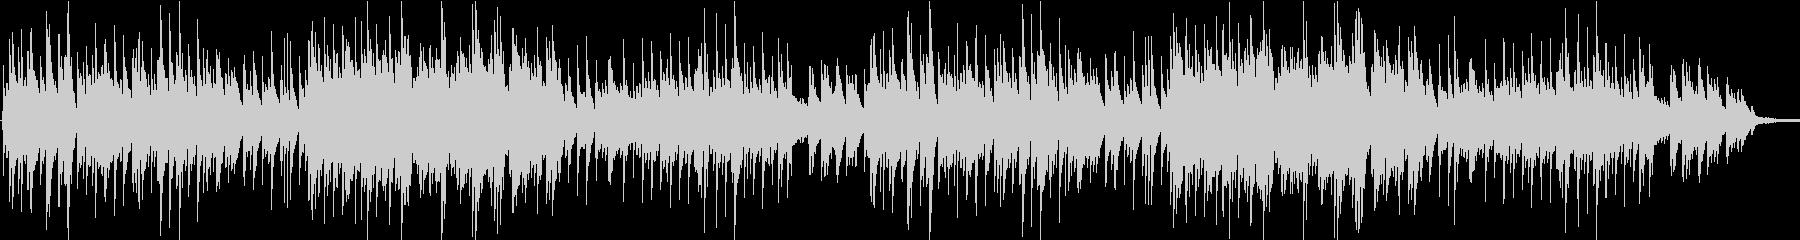 優しい3拍子のシンプルなピアノソロの未再生の波形